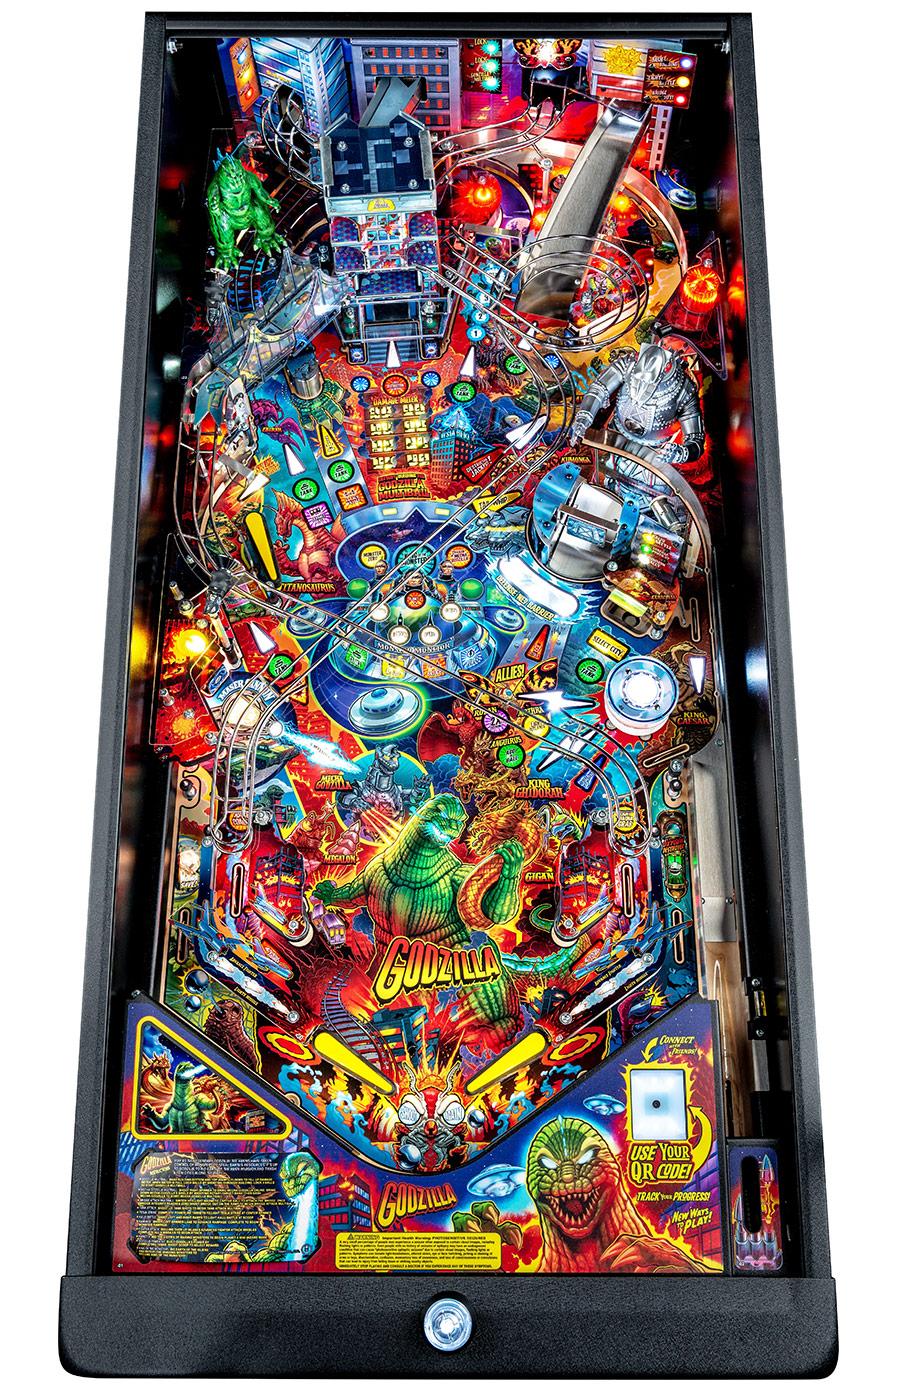 Godzilla Stern Pinball Machine